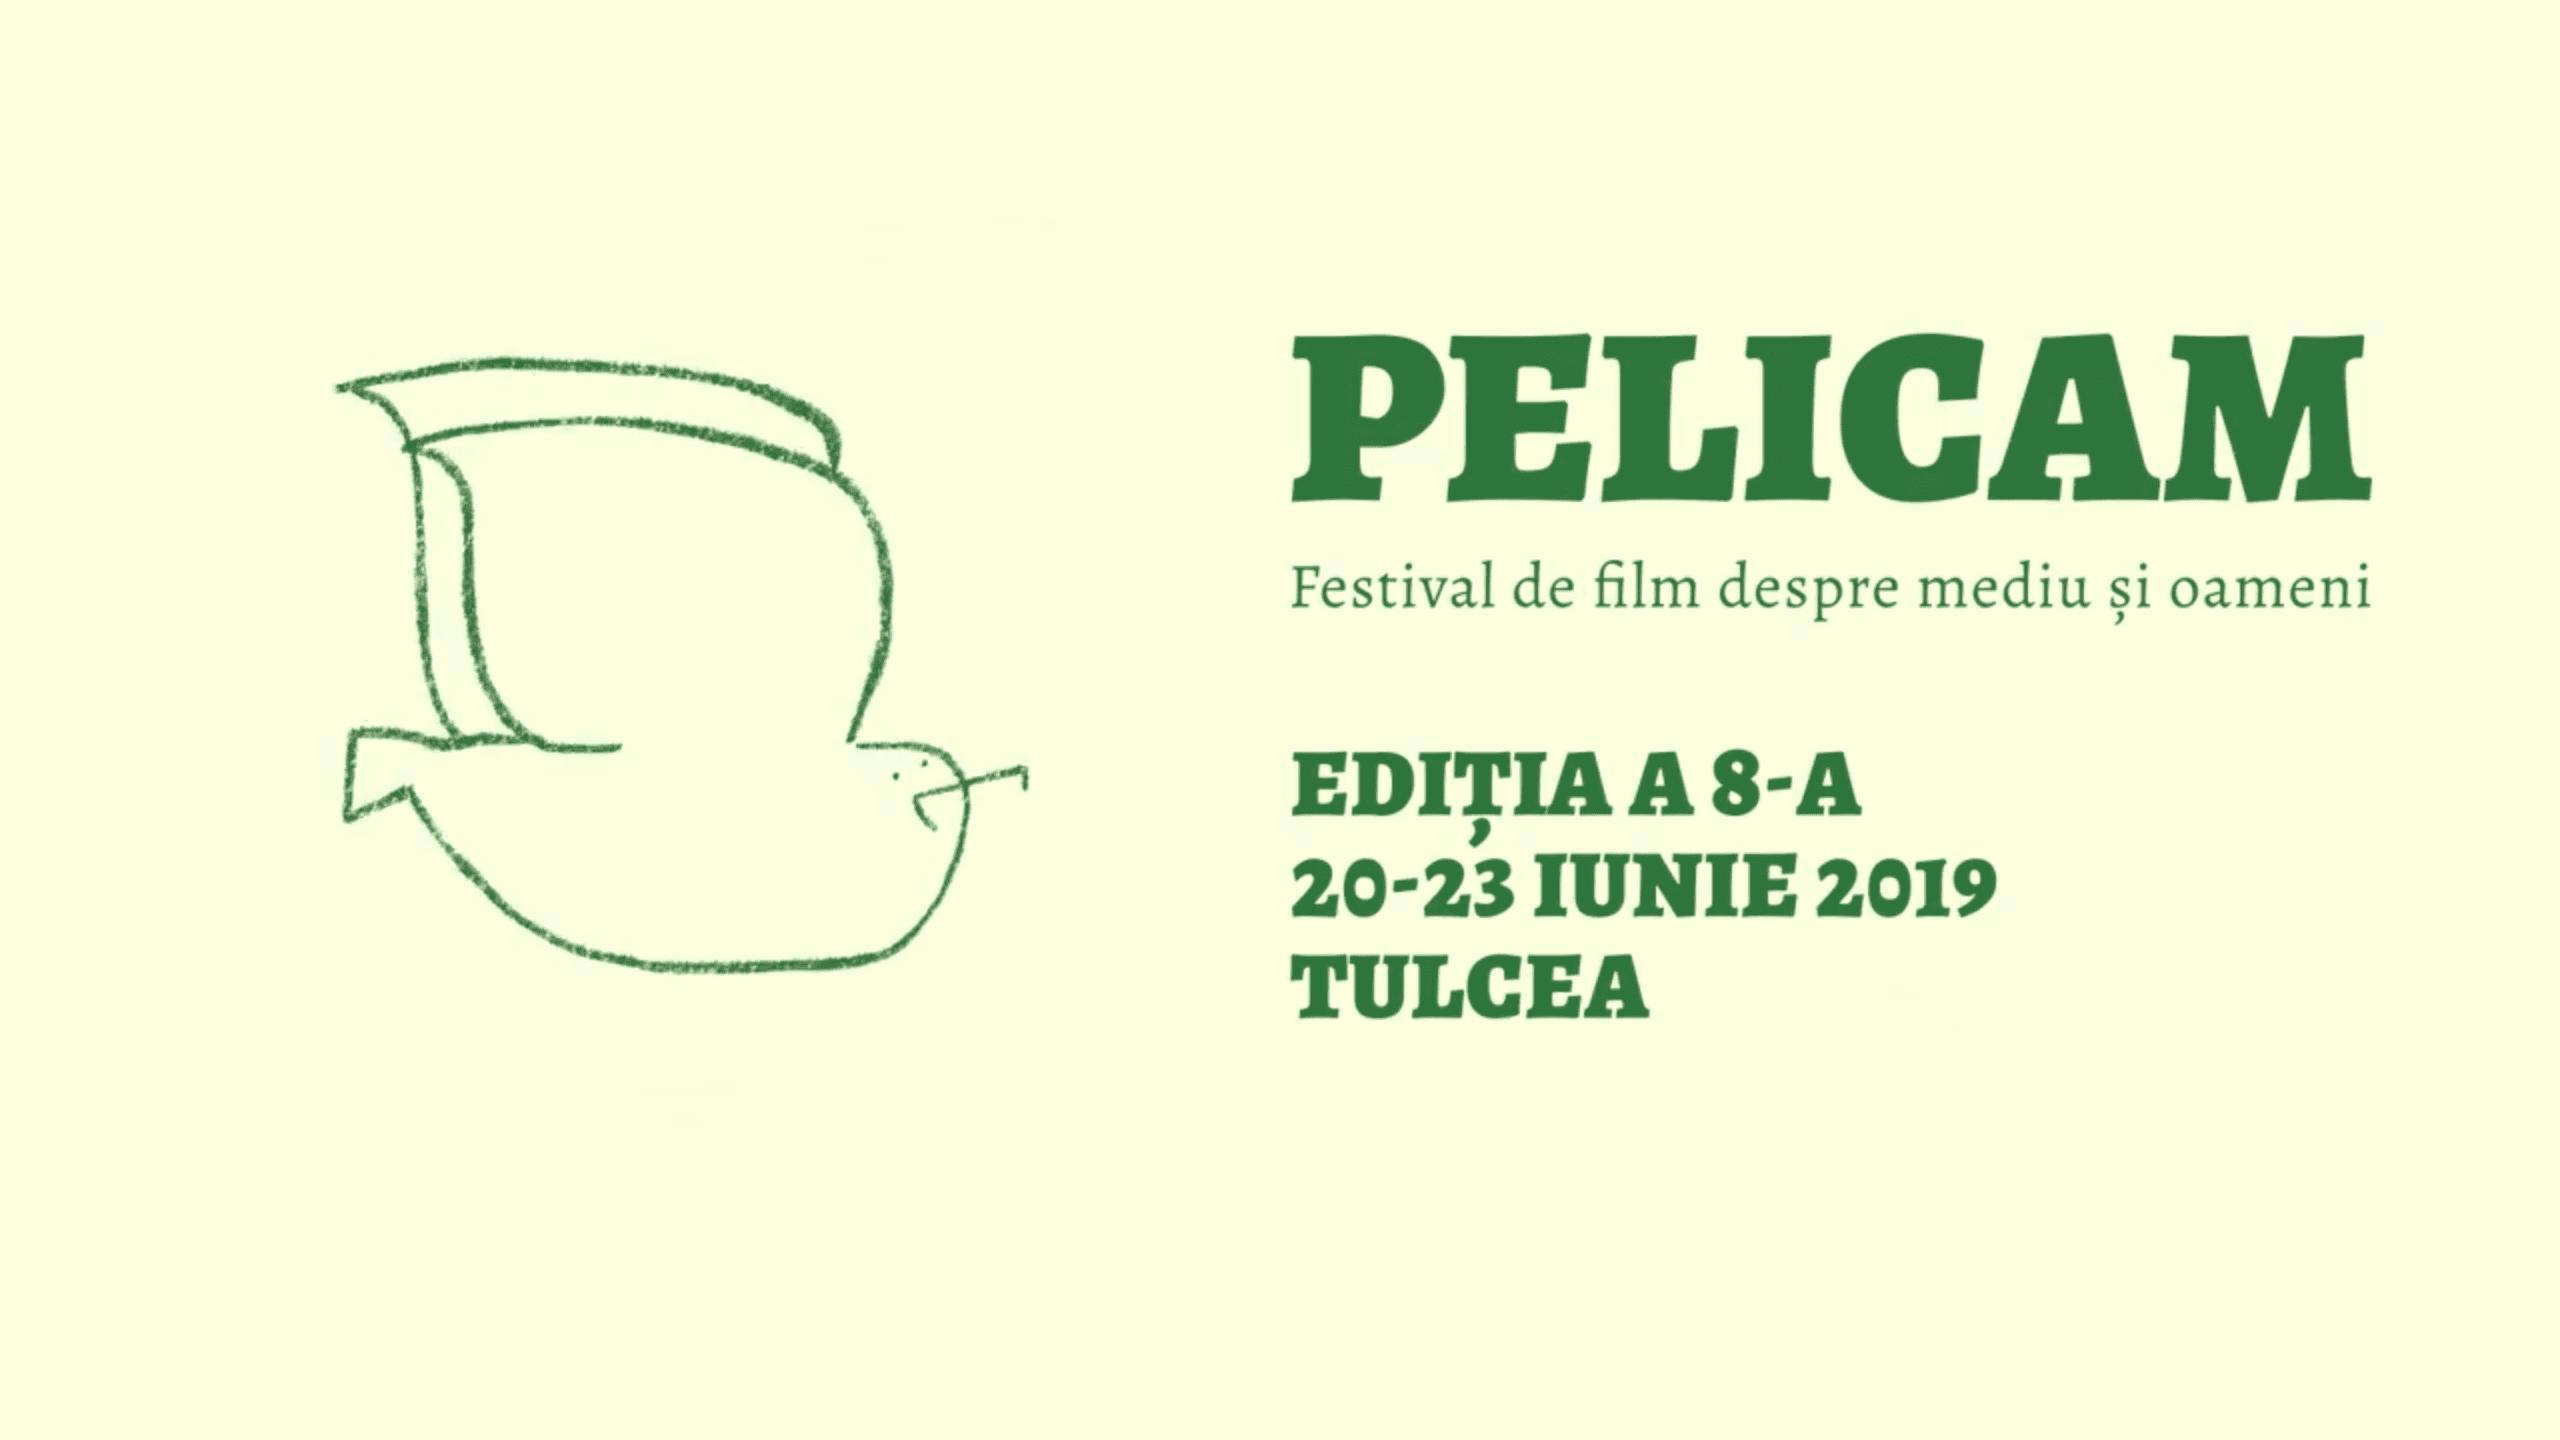 Pelicam Festival International de Film Tulcea 2019